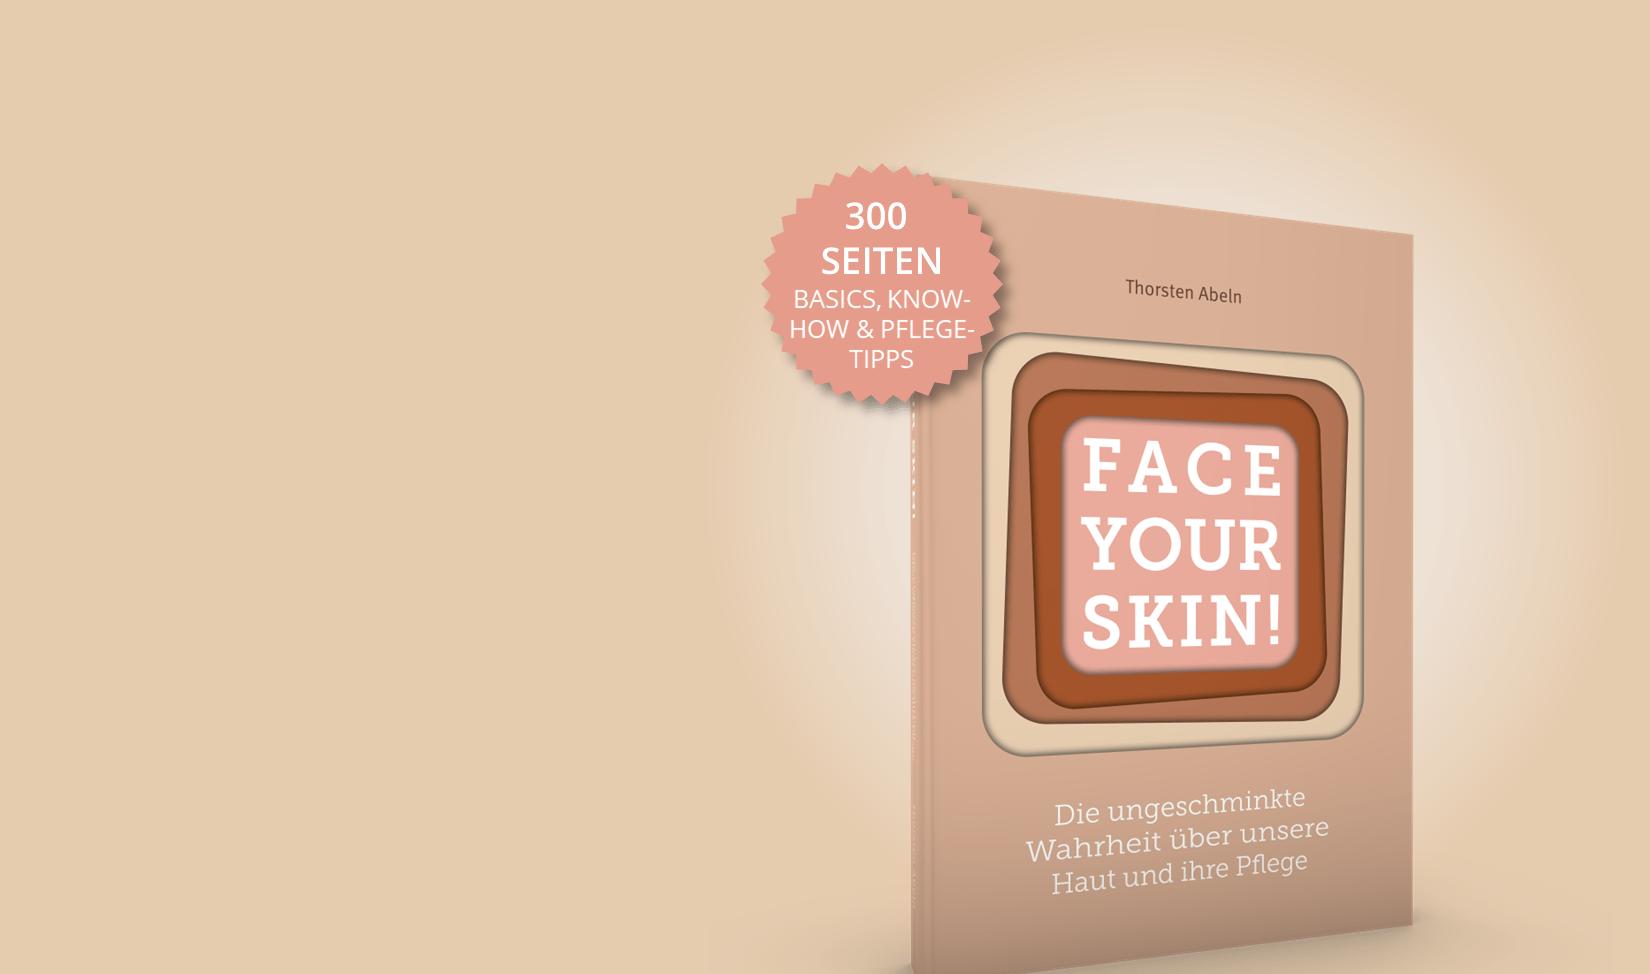 Hautbuch Face your Skin mit Hinweis auf Seitenzahl und Inhalt mit hautfarbenem Hintergrund Anschnitt